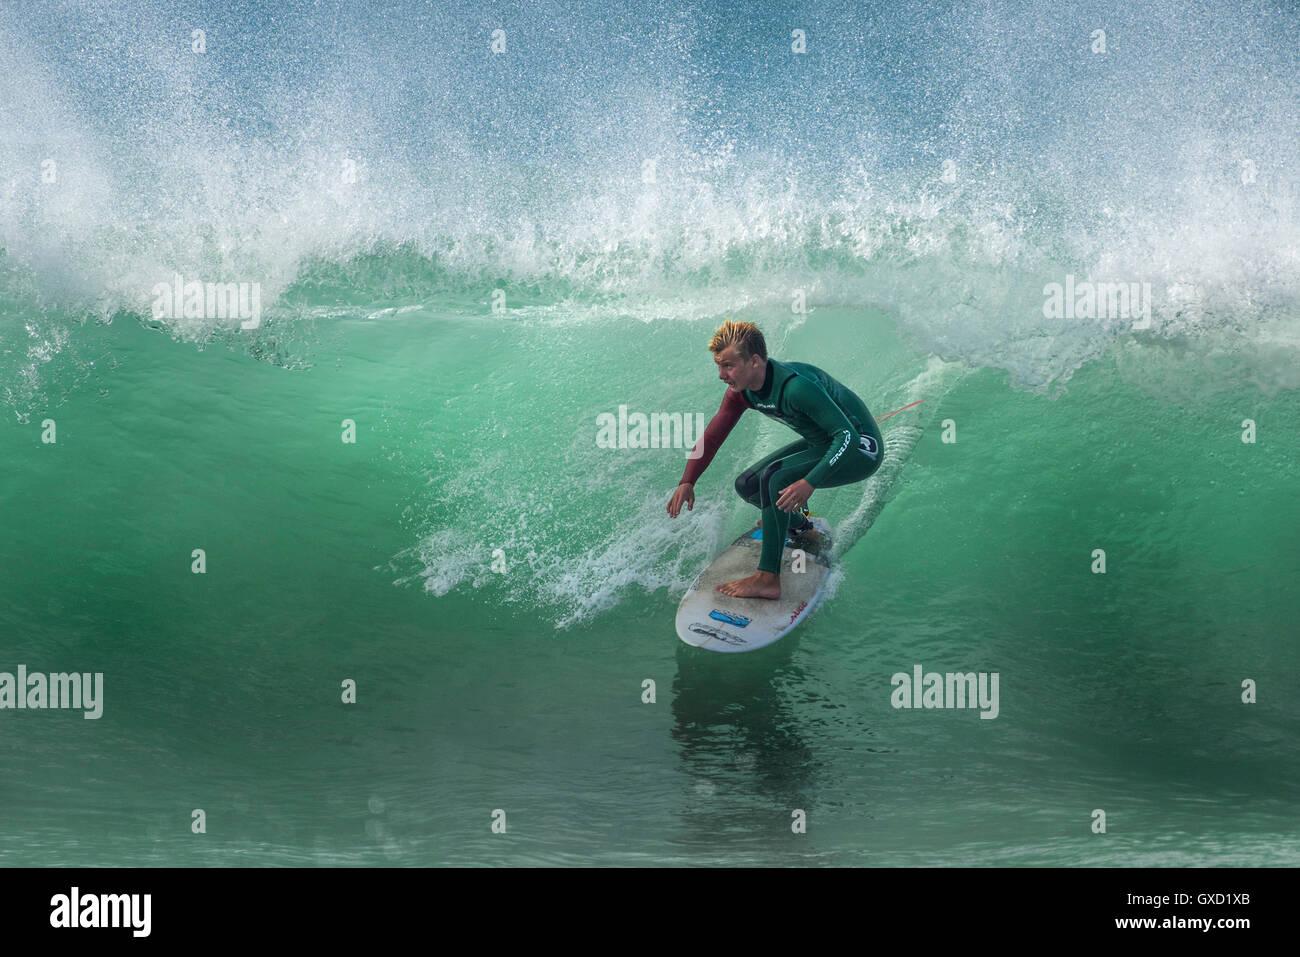 Ein Surfer in einer spektakulären Aktion auf den Fistral in Newquay, Cornwall.de. Stockbild